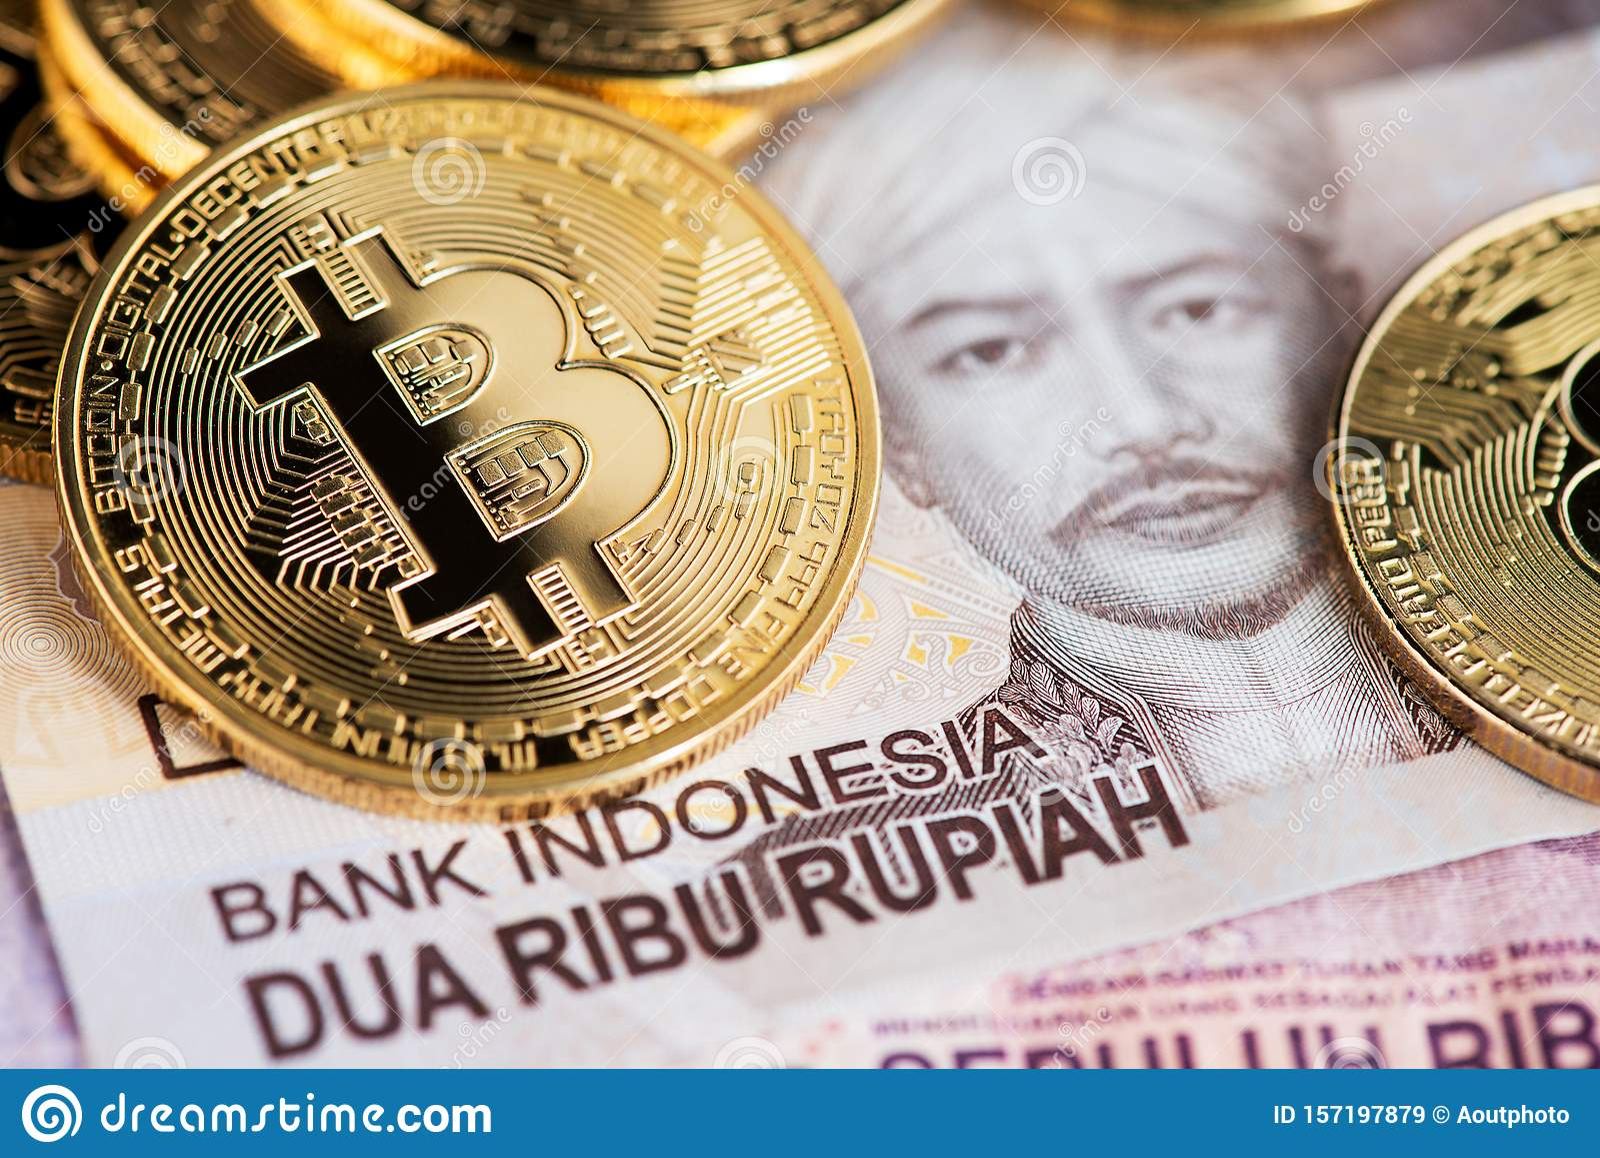 è cerchio un portafoglio bitcoin